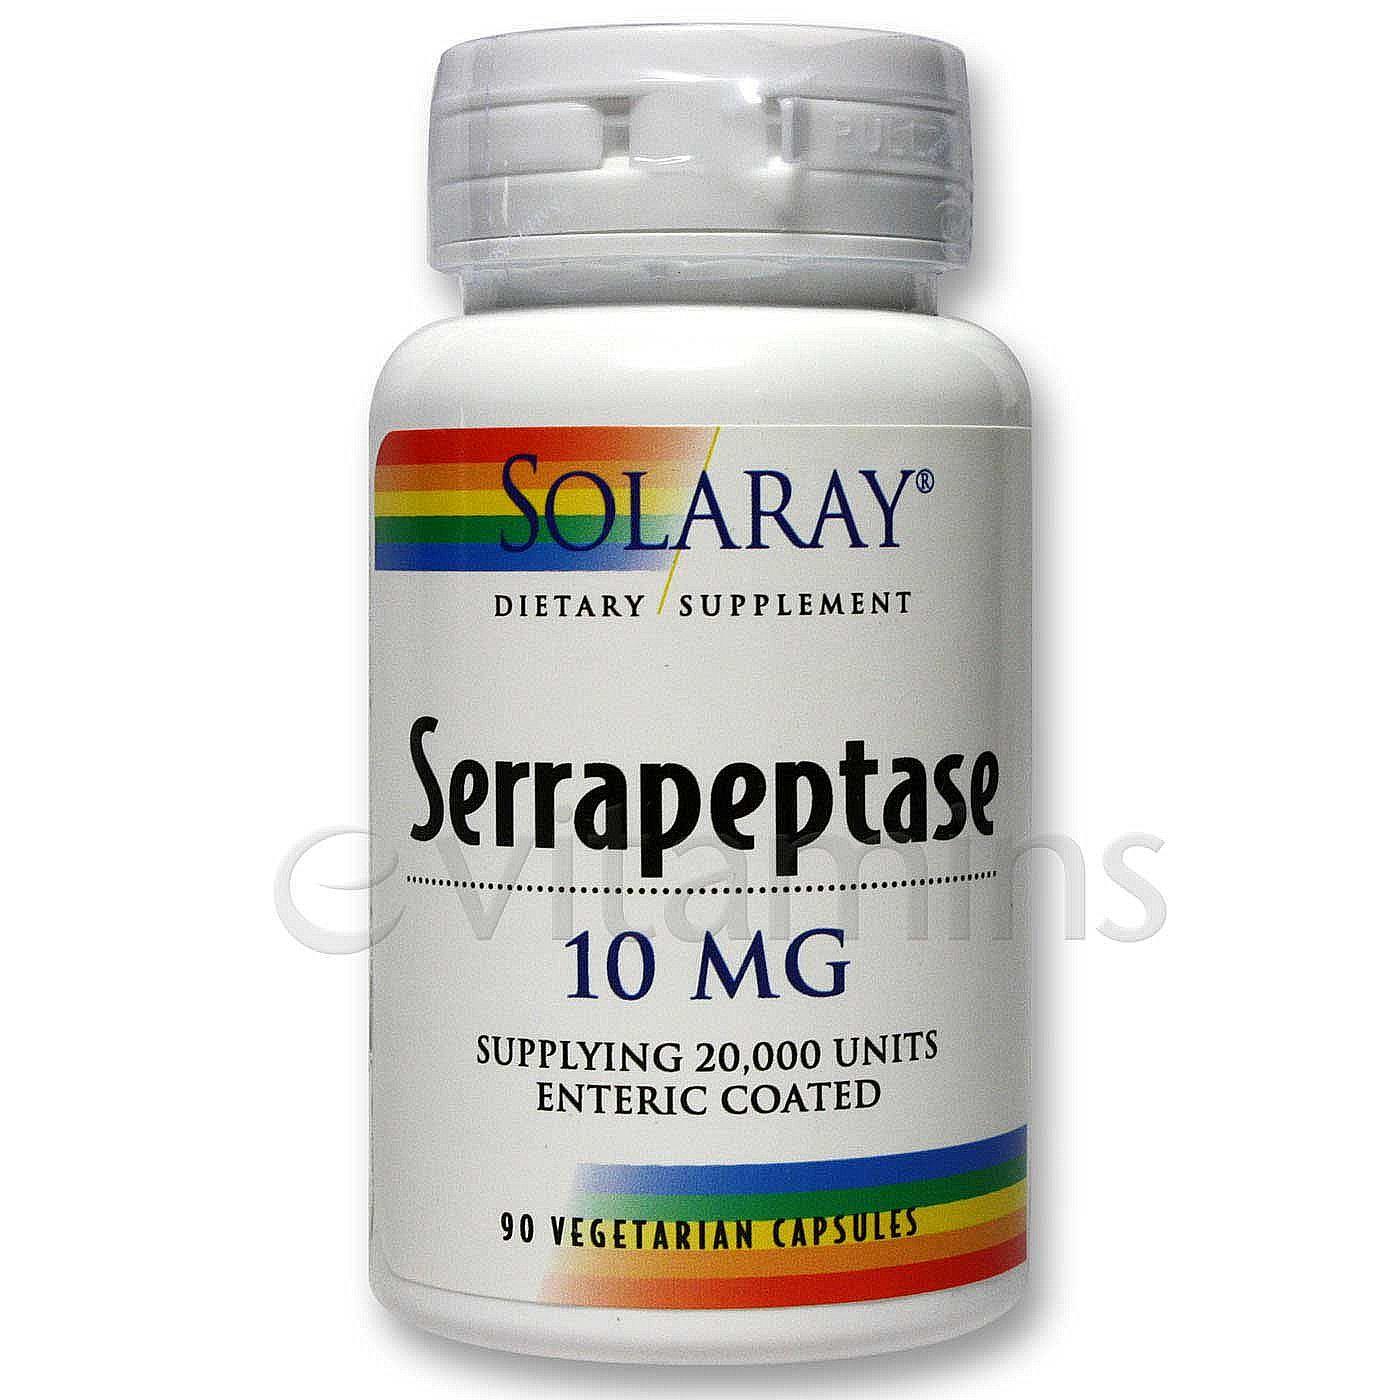 Serepeptase